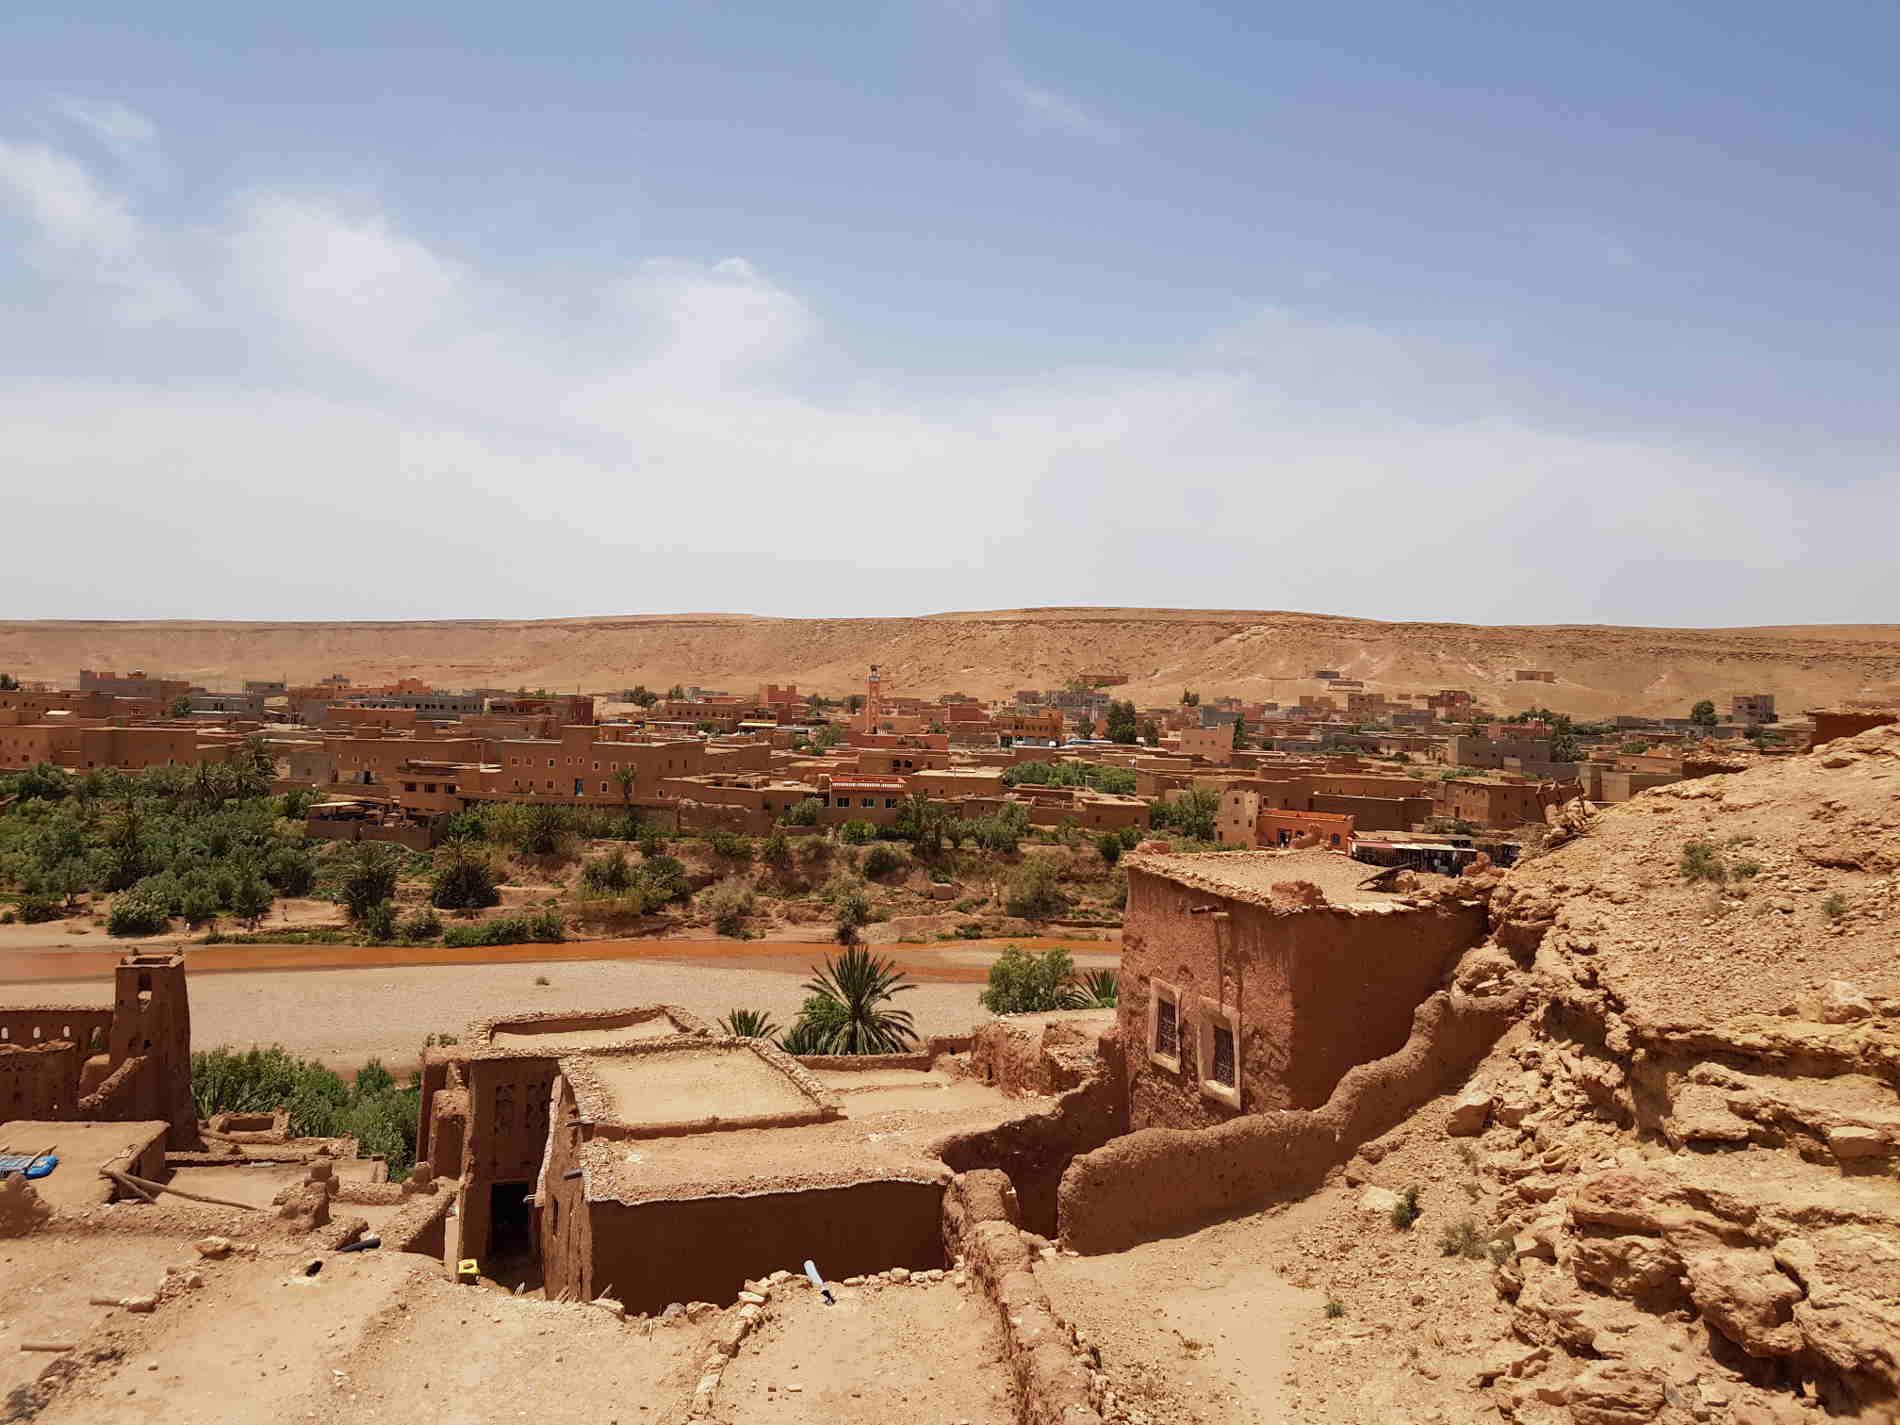 Coda vedere a Ourzazate e dintorni dall'alto del Ksar Ait Ben Haddou